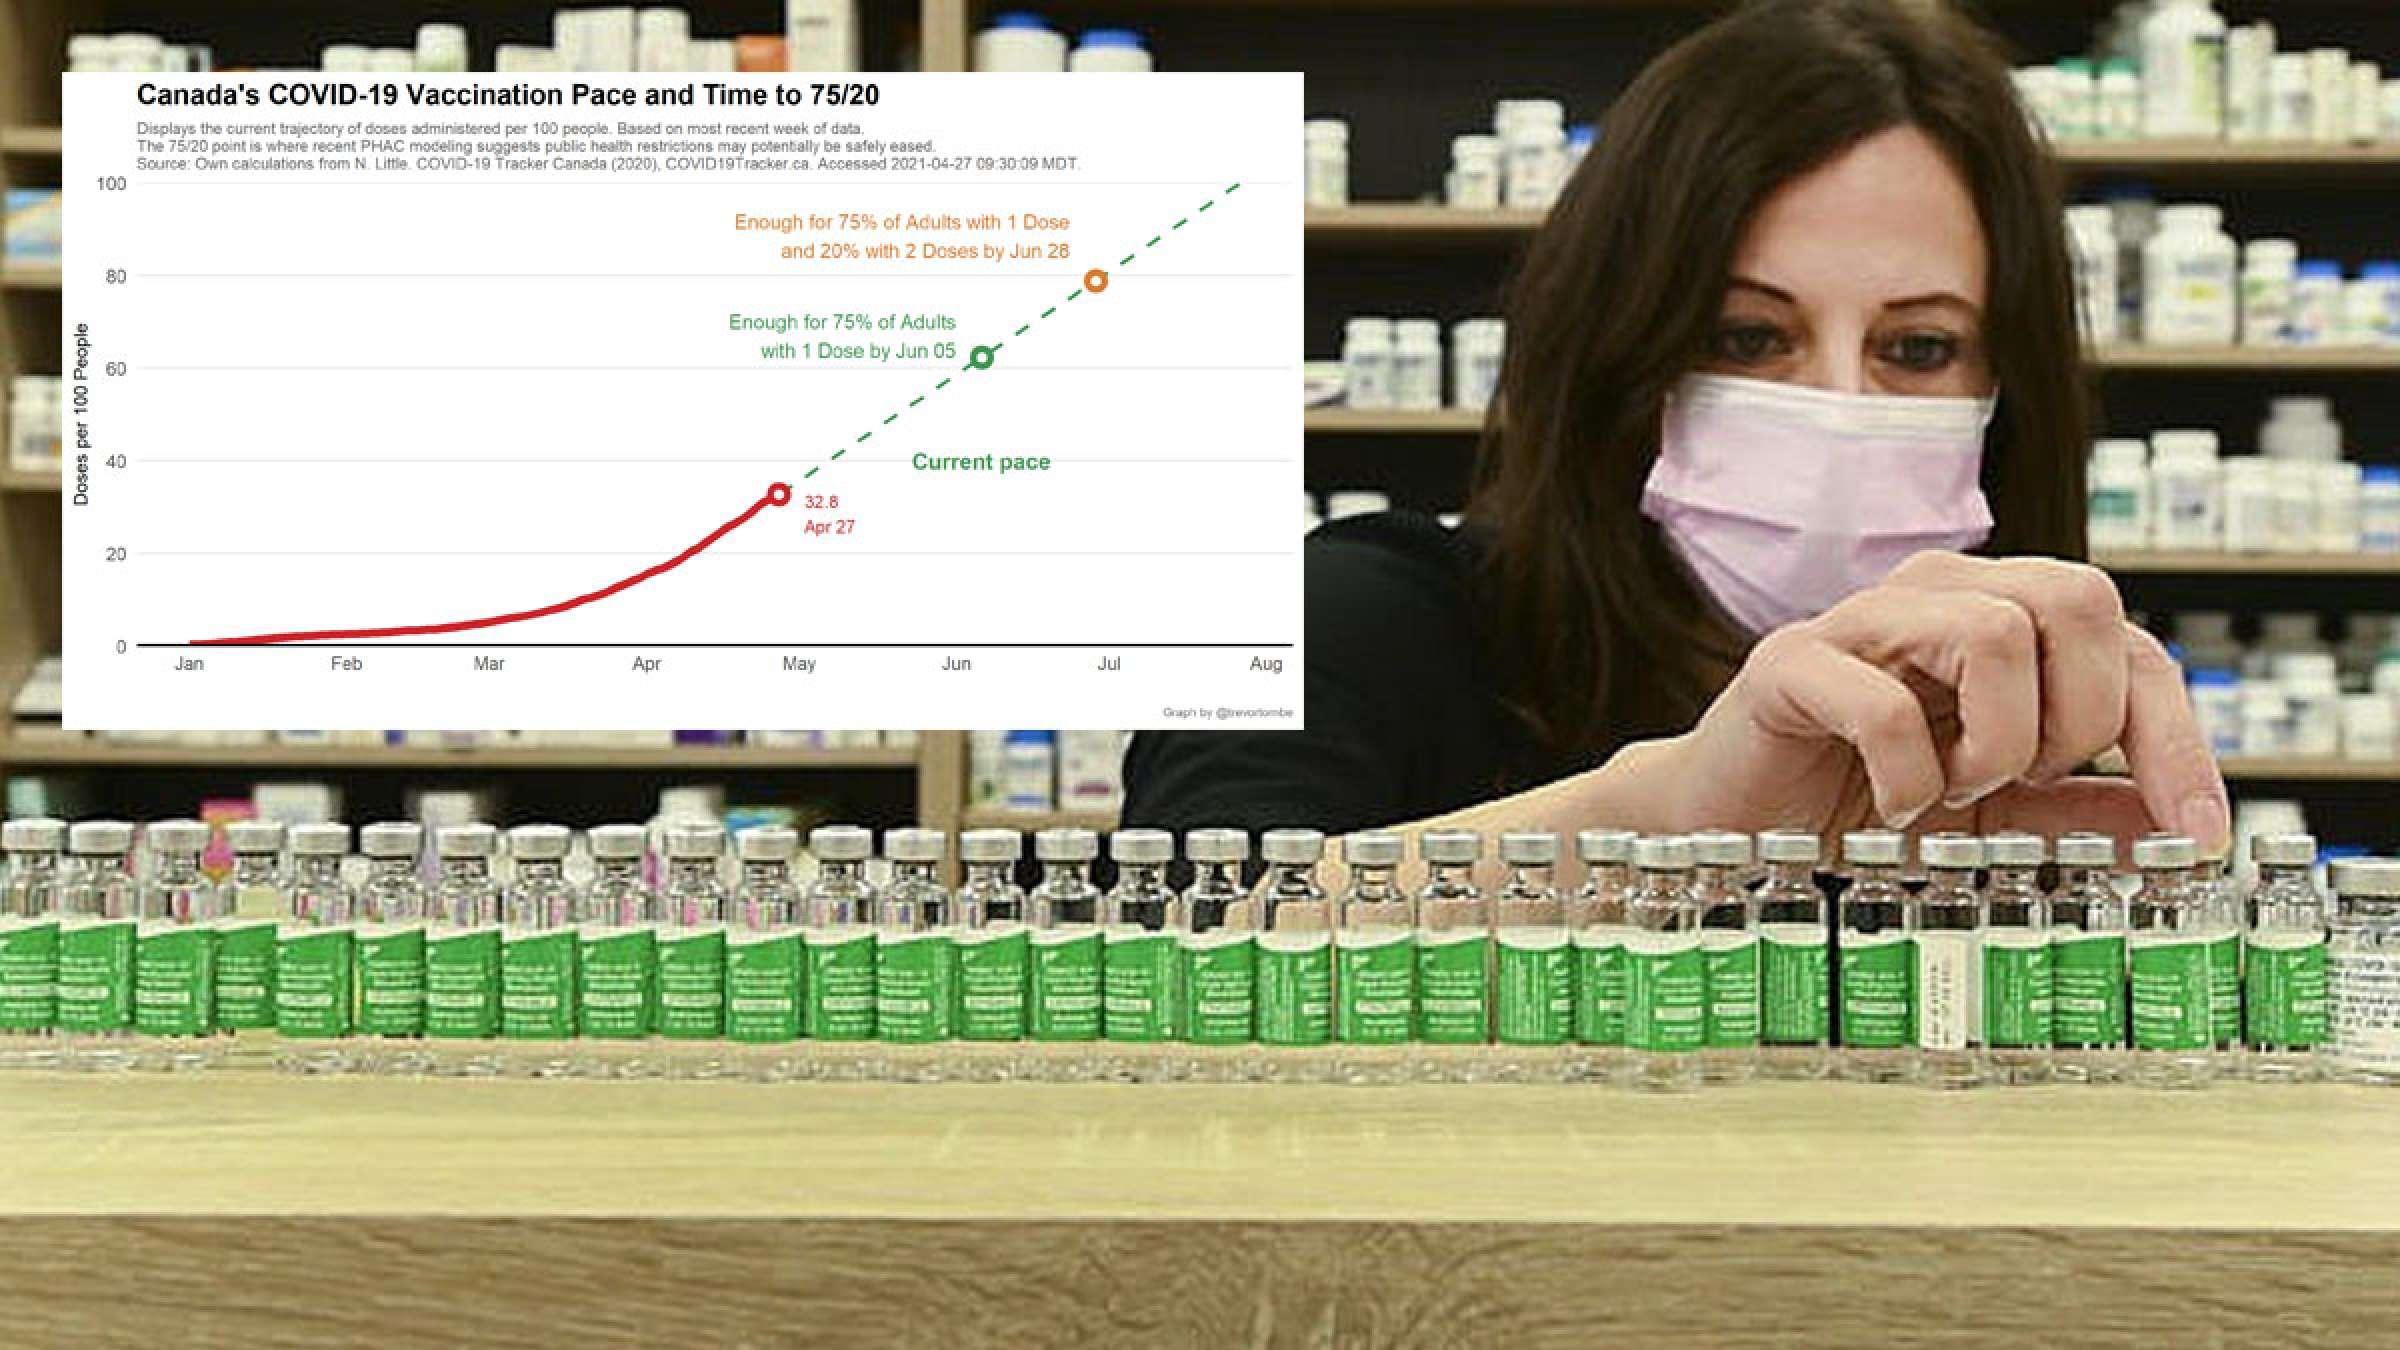 اخبار-کانادا-با-سرعت-گرفتن-کنونی-واکسیناسیون-چه-زمانی-محدودیت-ها-برداشته-می-شوند